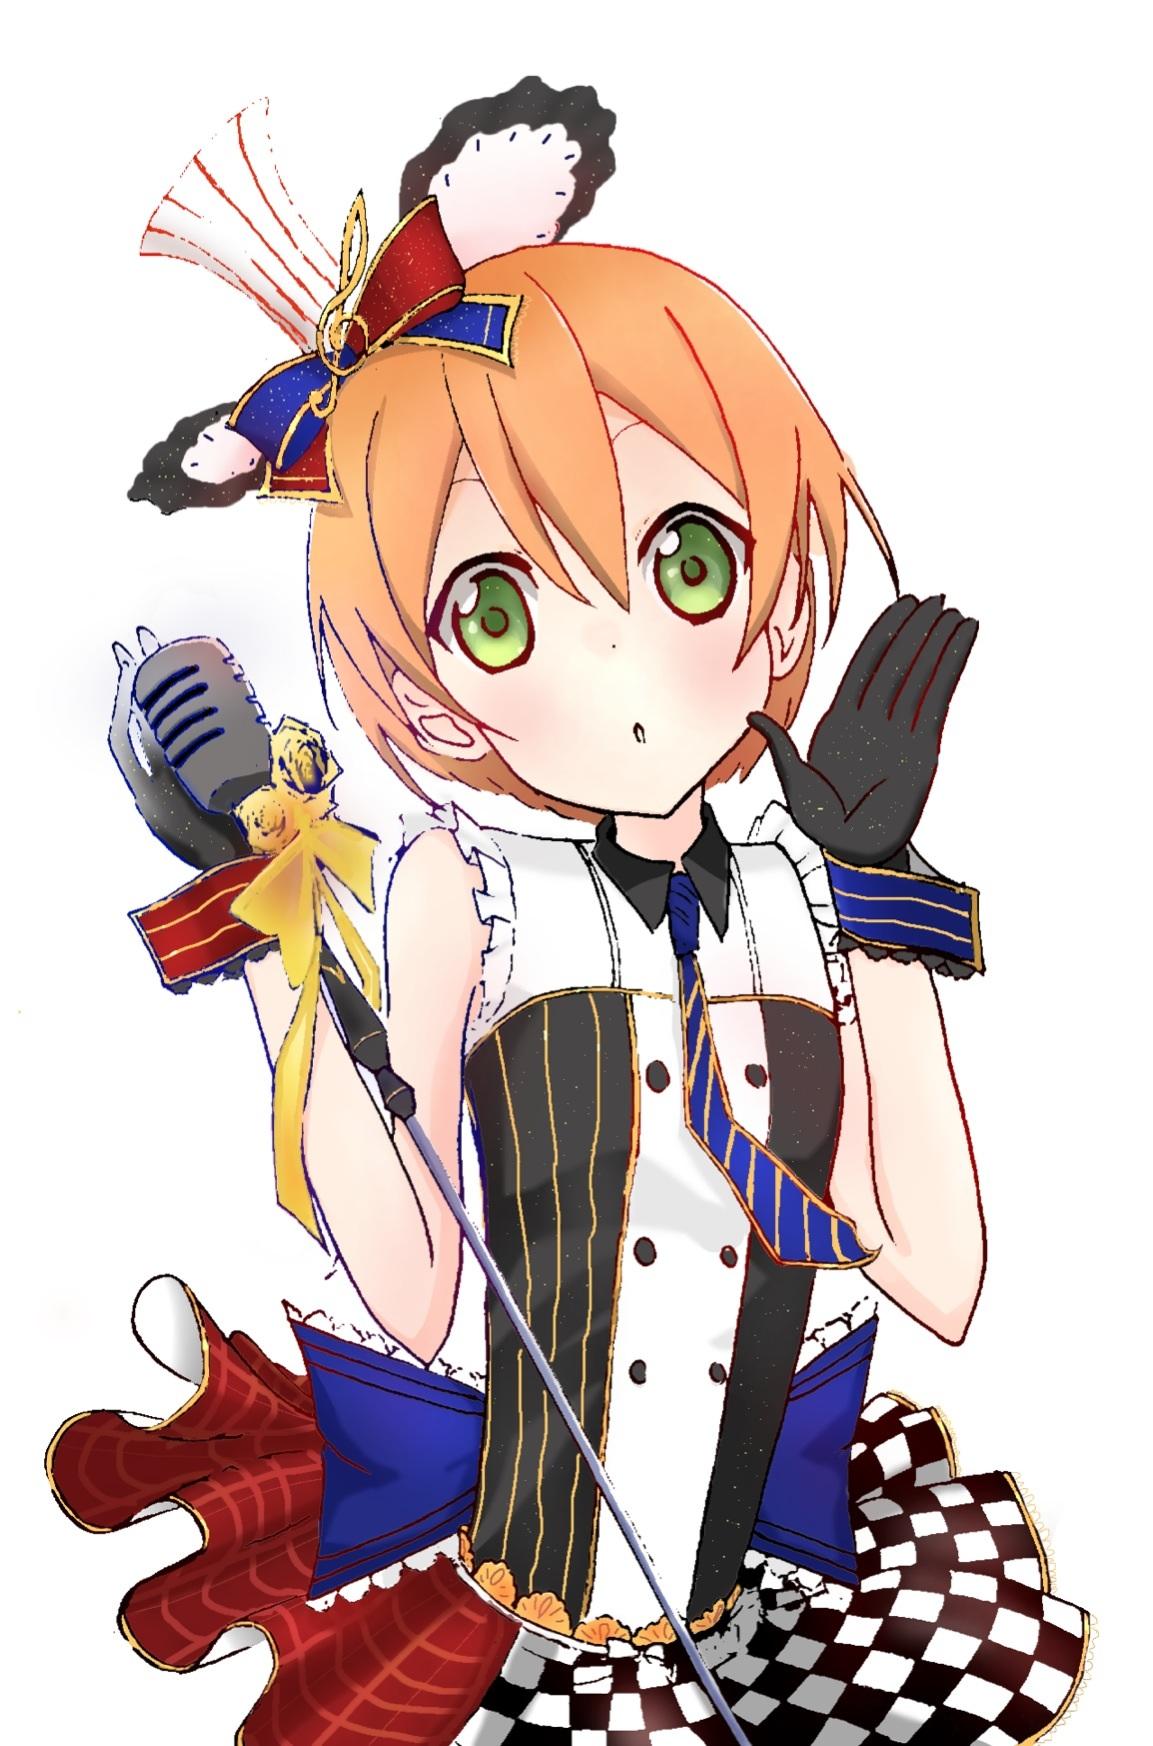 ラブライブ! 星空凛 / LoveLive! Hoshizora Rin #3771